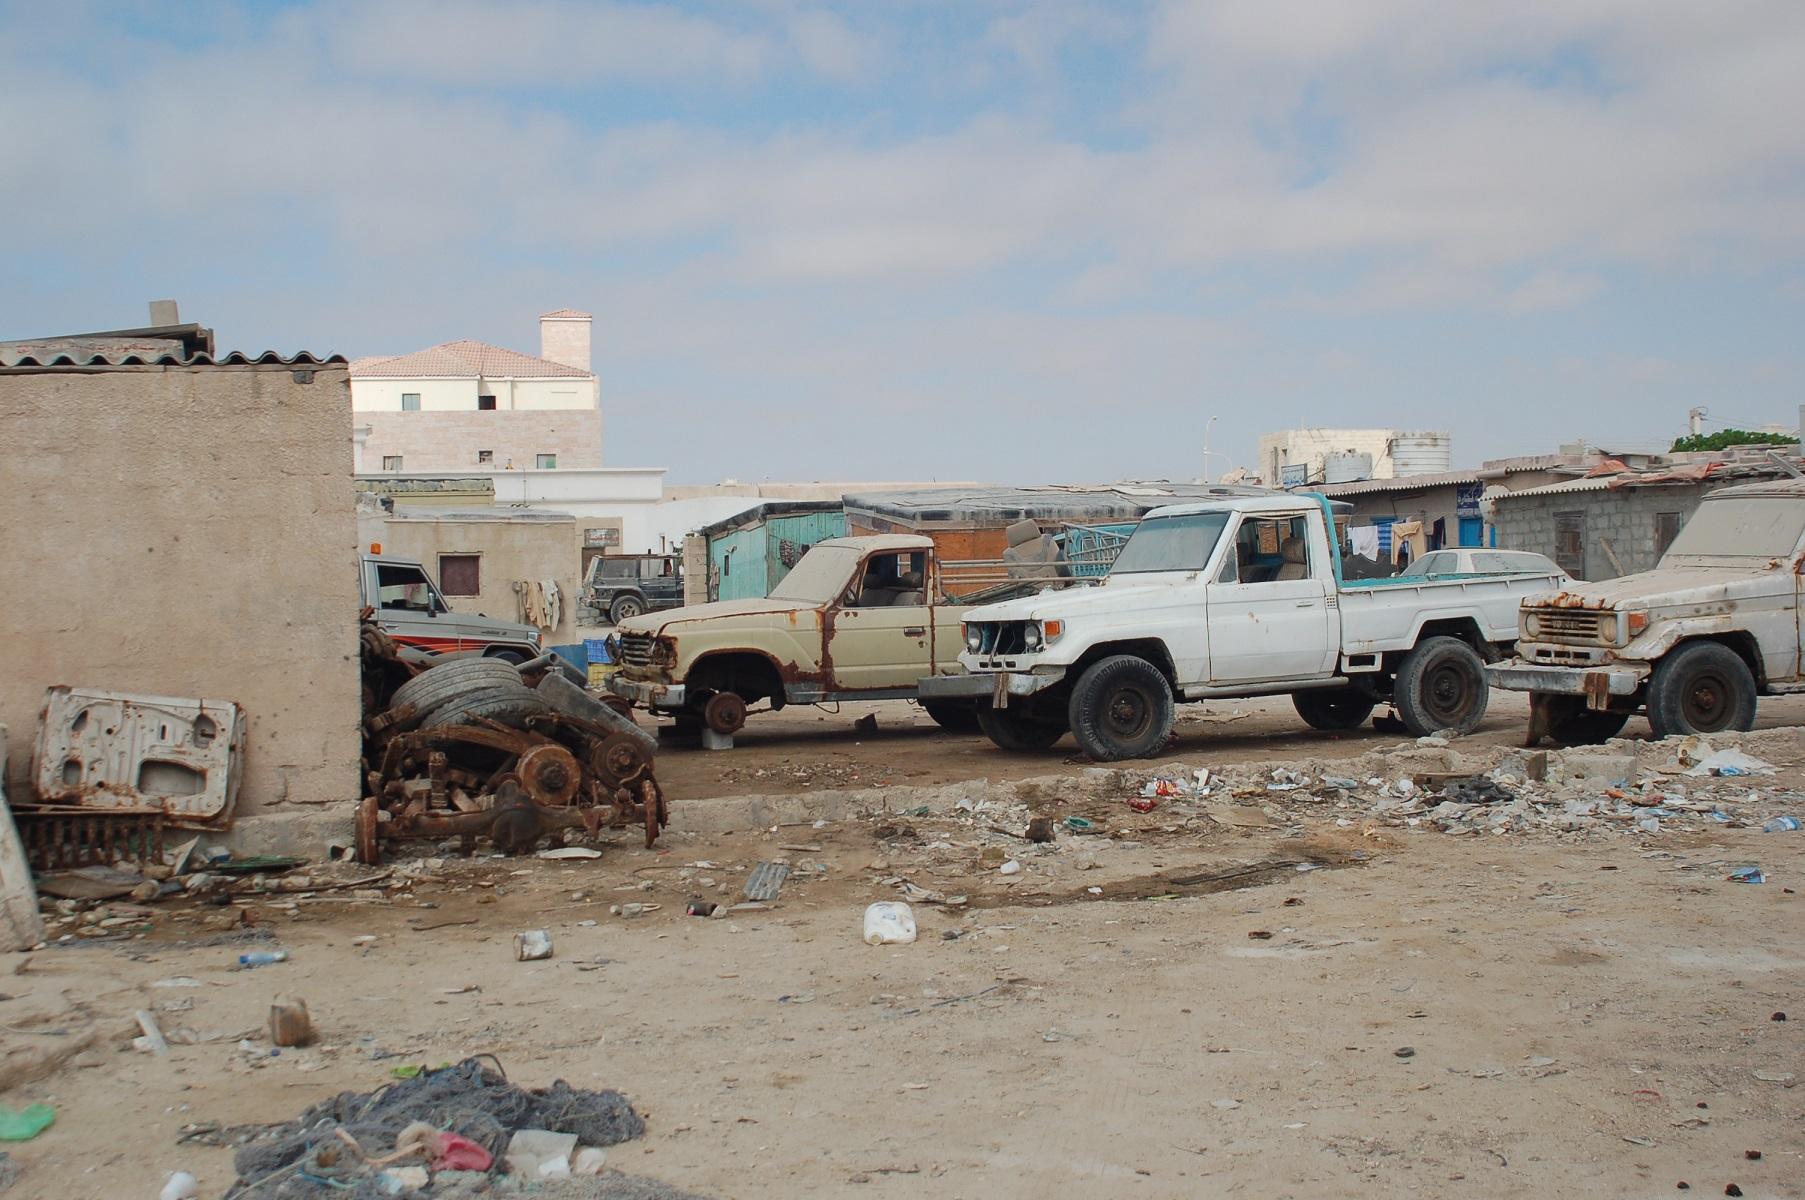 Oman - Werkstätten findet man in fast allen Orten und an Tankstellen. Nicht selten stehen alte Toyota Land Cruiser als Ersatzteilspender davor.